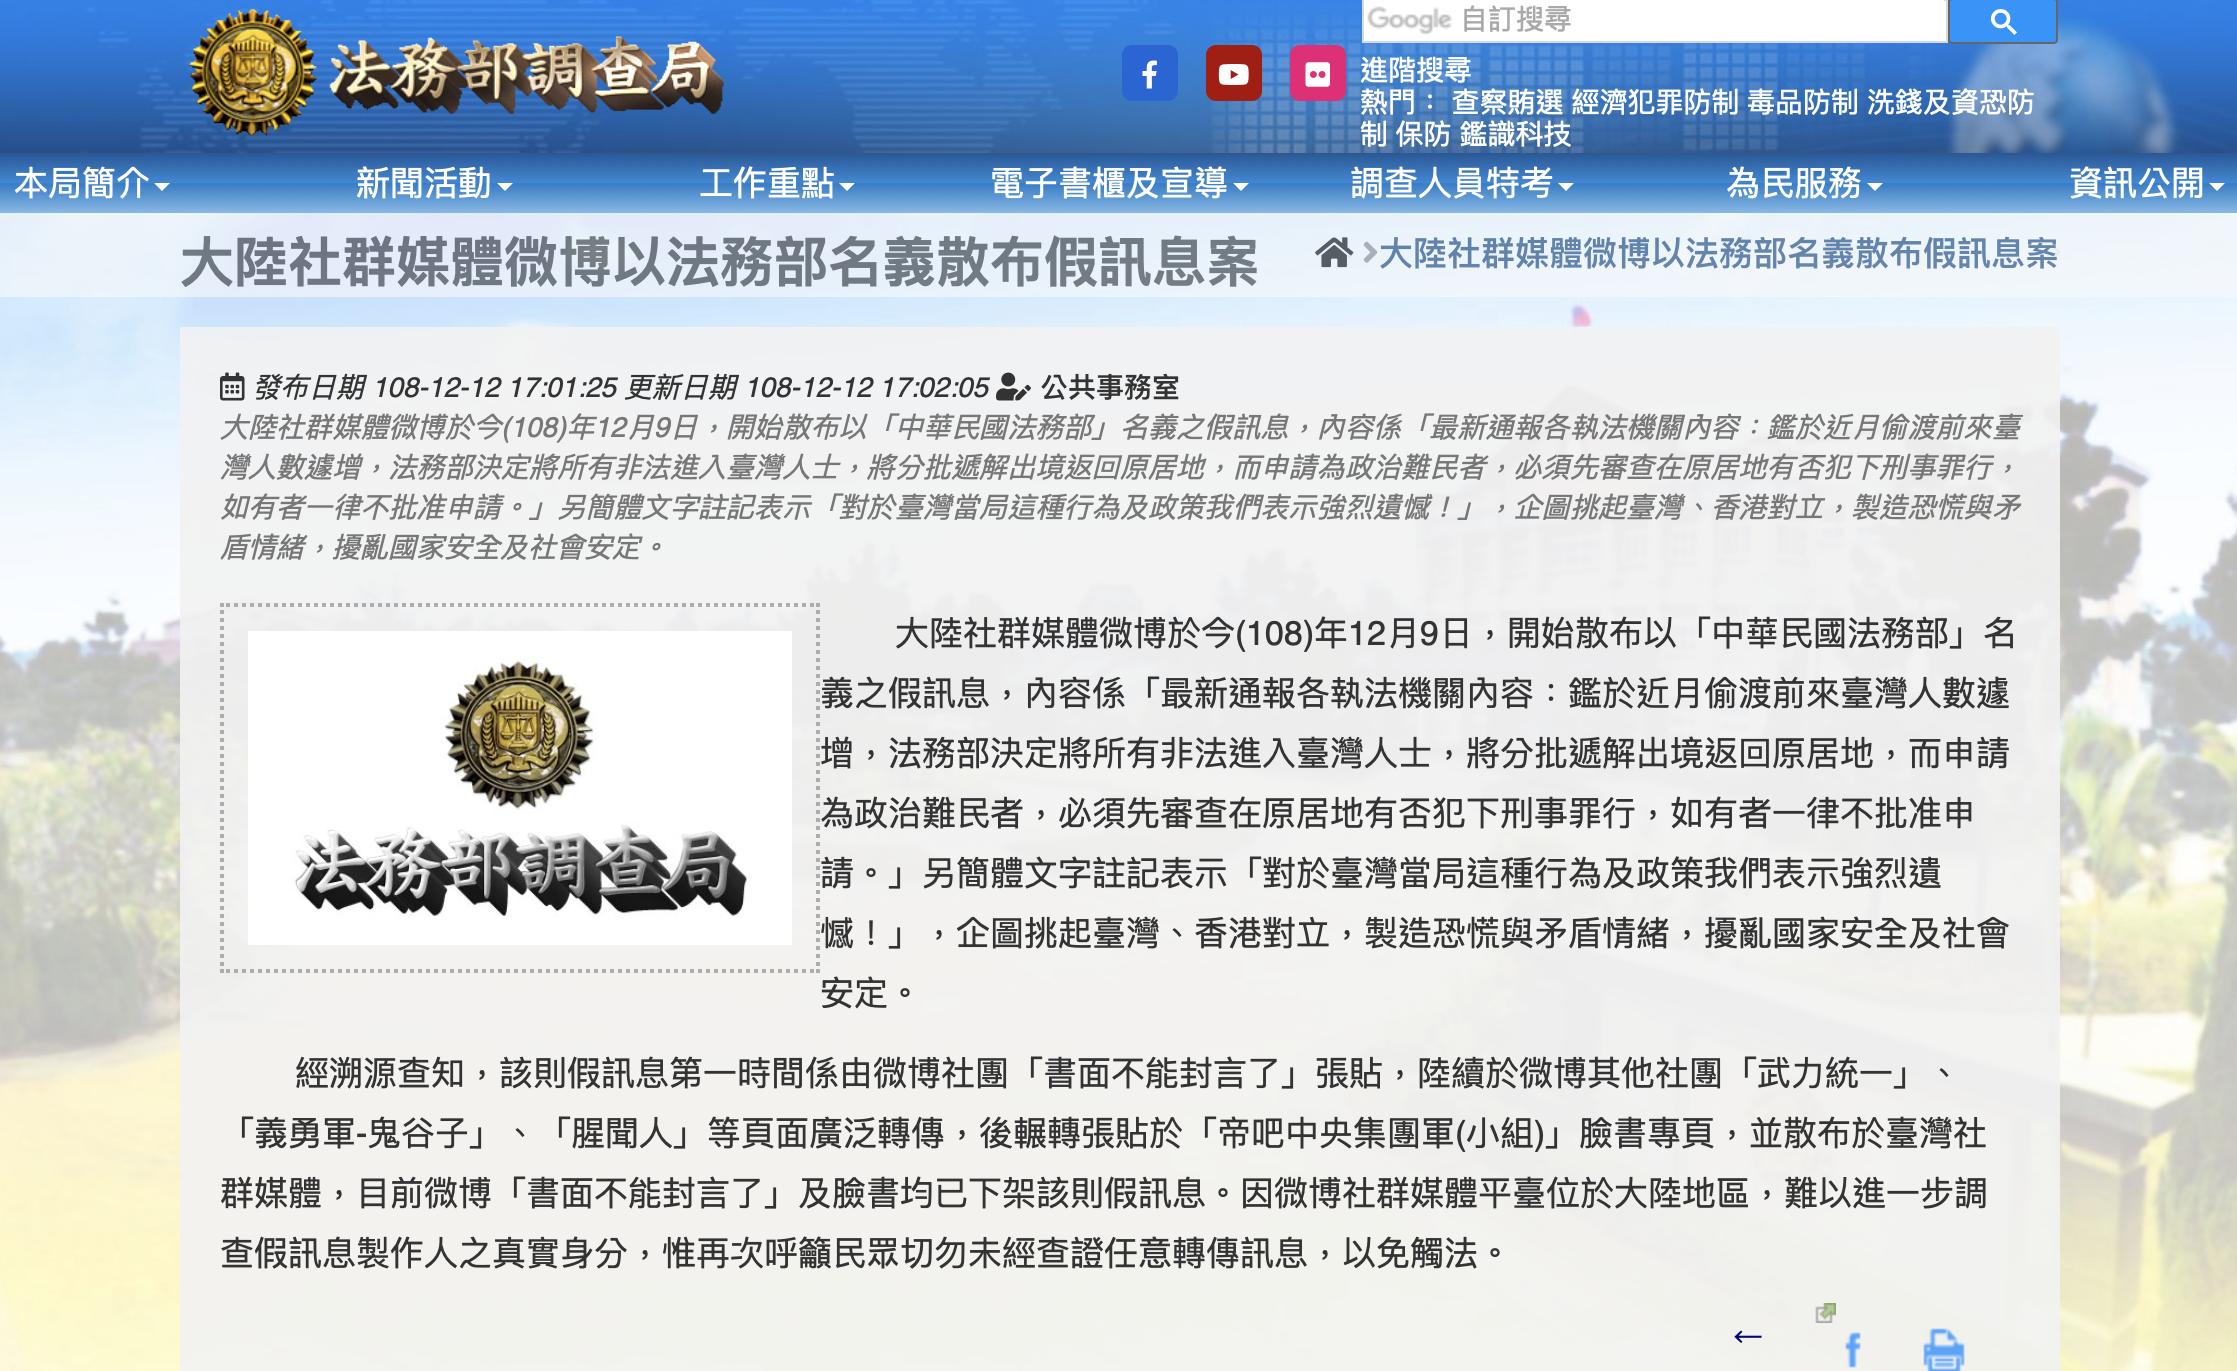 """台湾调查局公布大陆微博散布冒名""""中华民国法务部""""的假讯息,意图挑拨港台对立。(调查局官网)"""